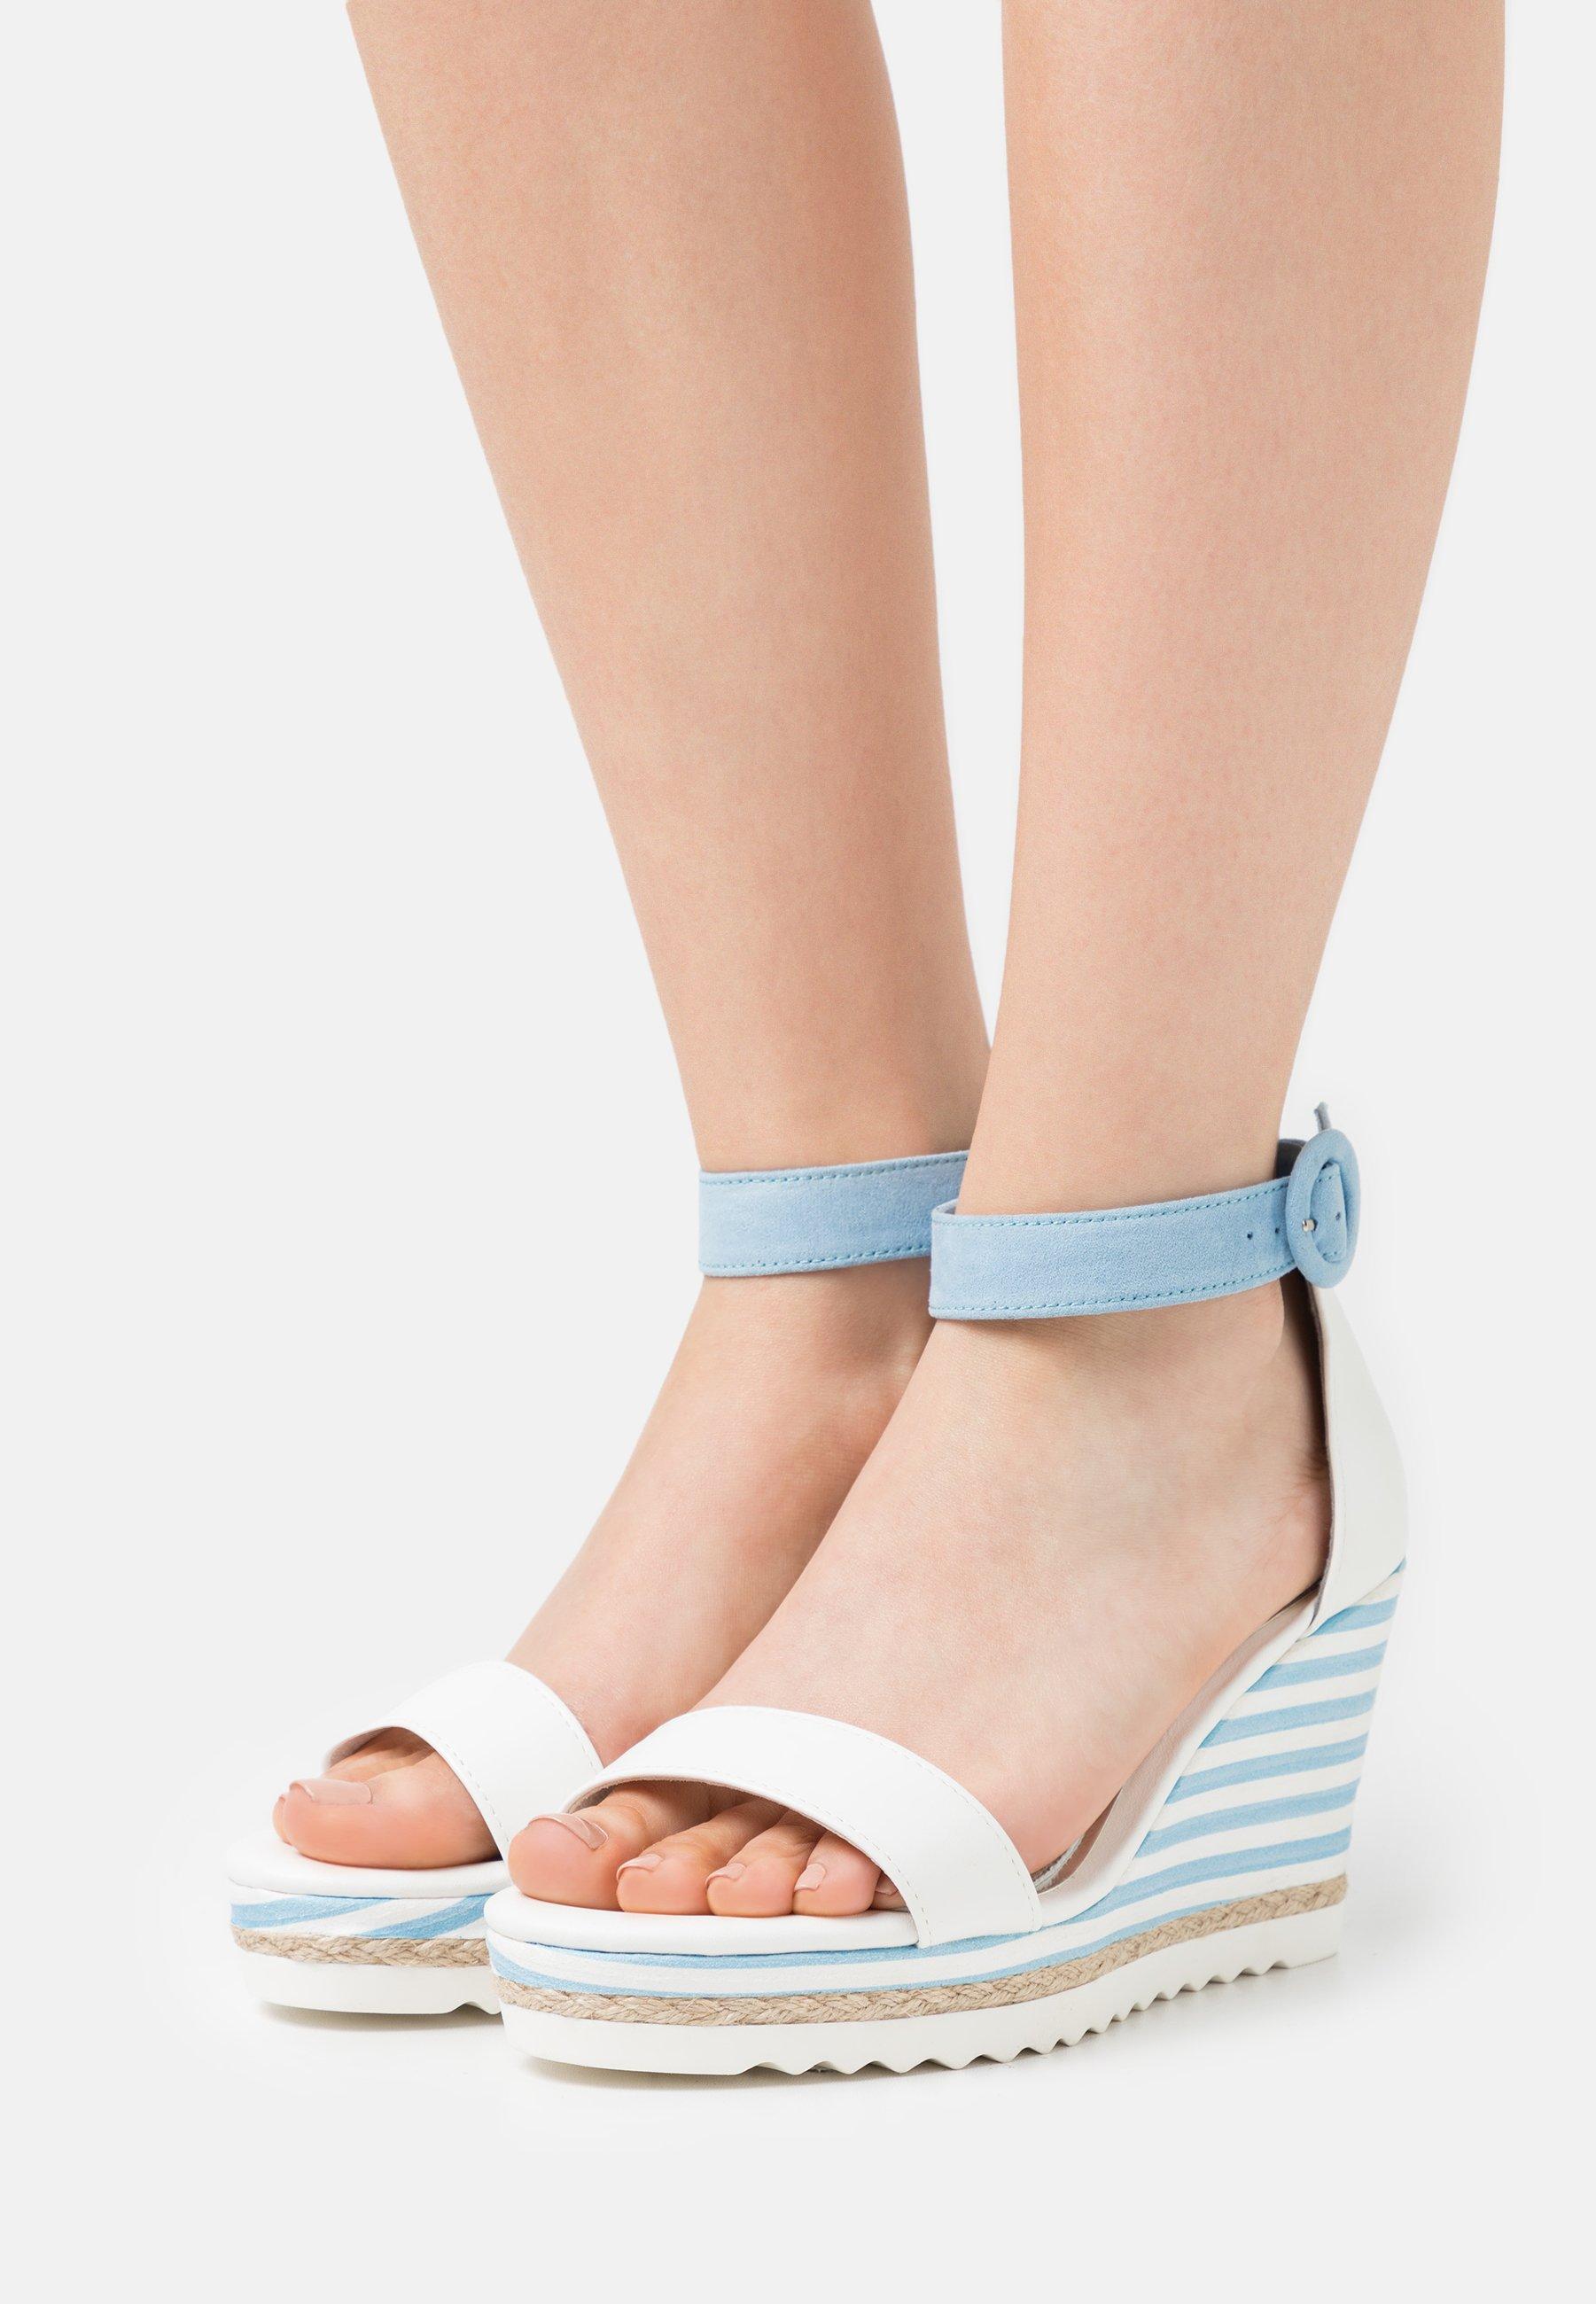 Femme BY GUIDO MARIA KRETSCHMER - Sandales à talons hauts - white/light blue